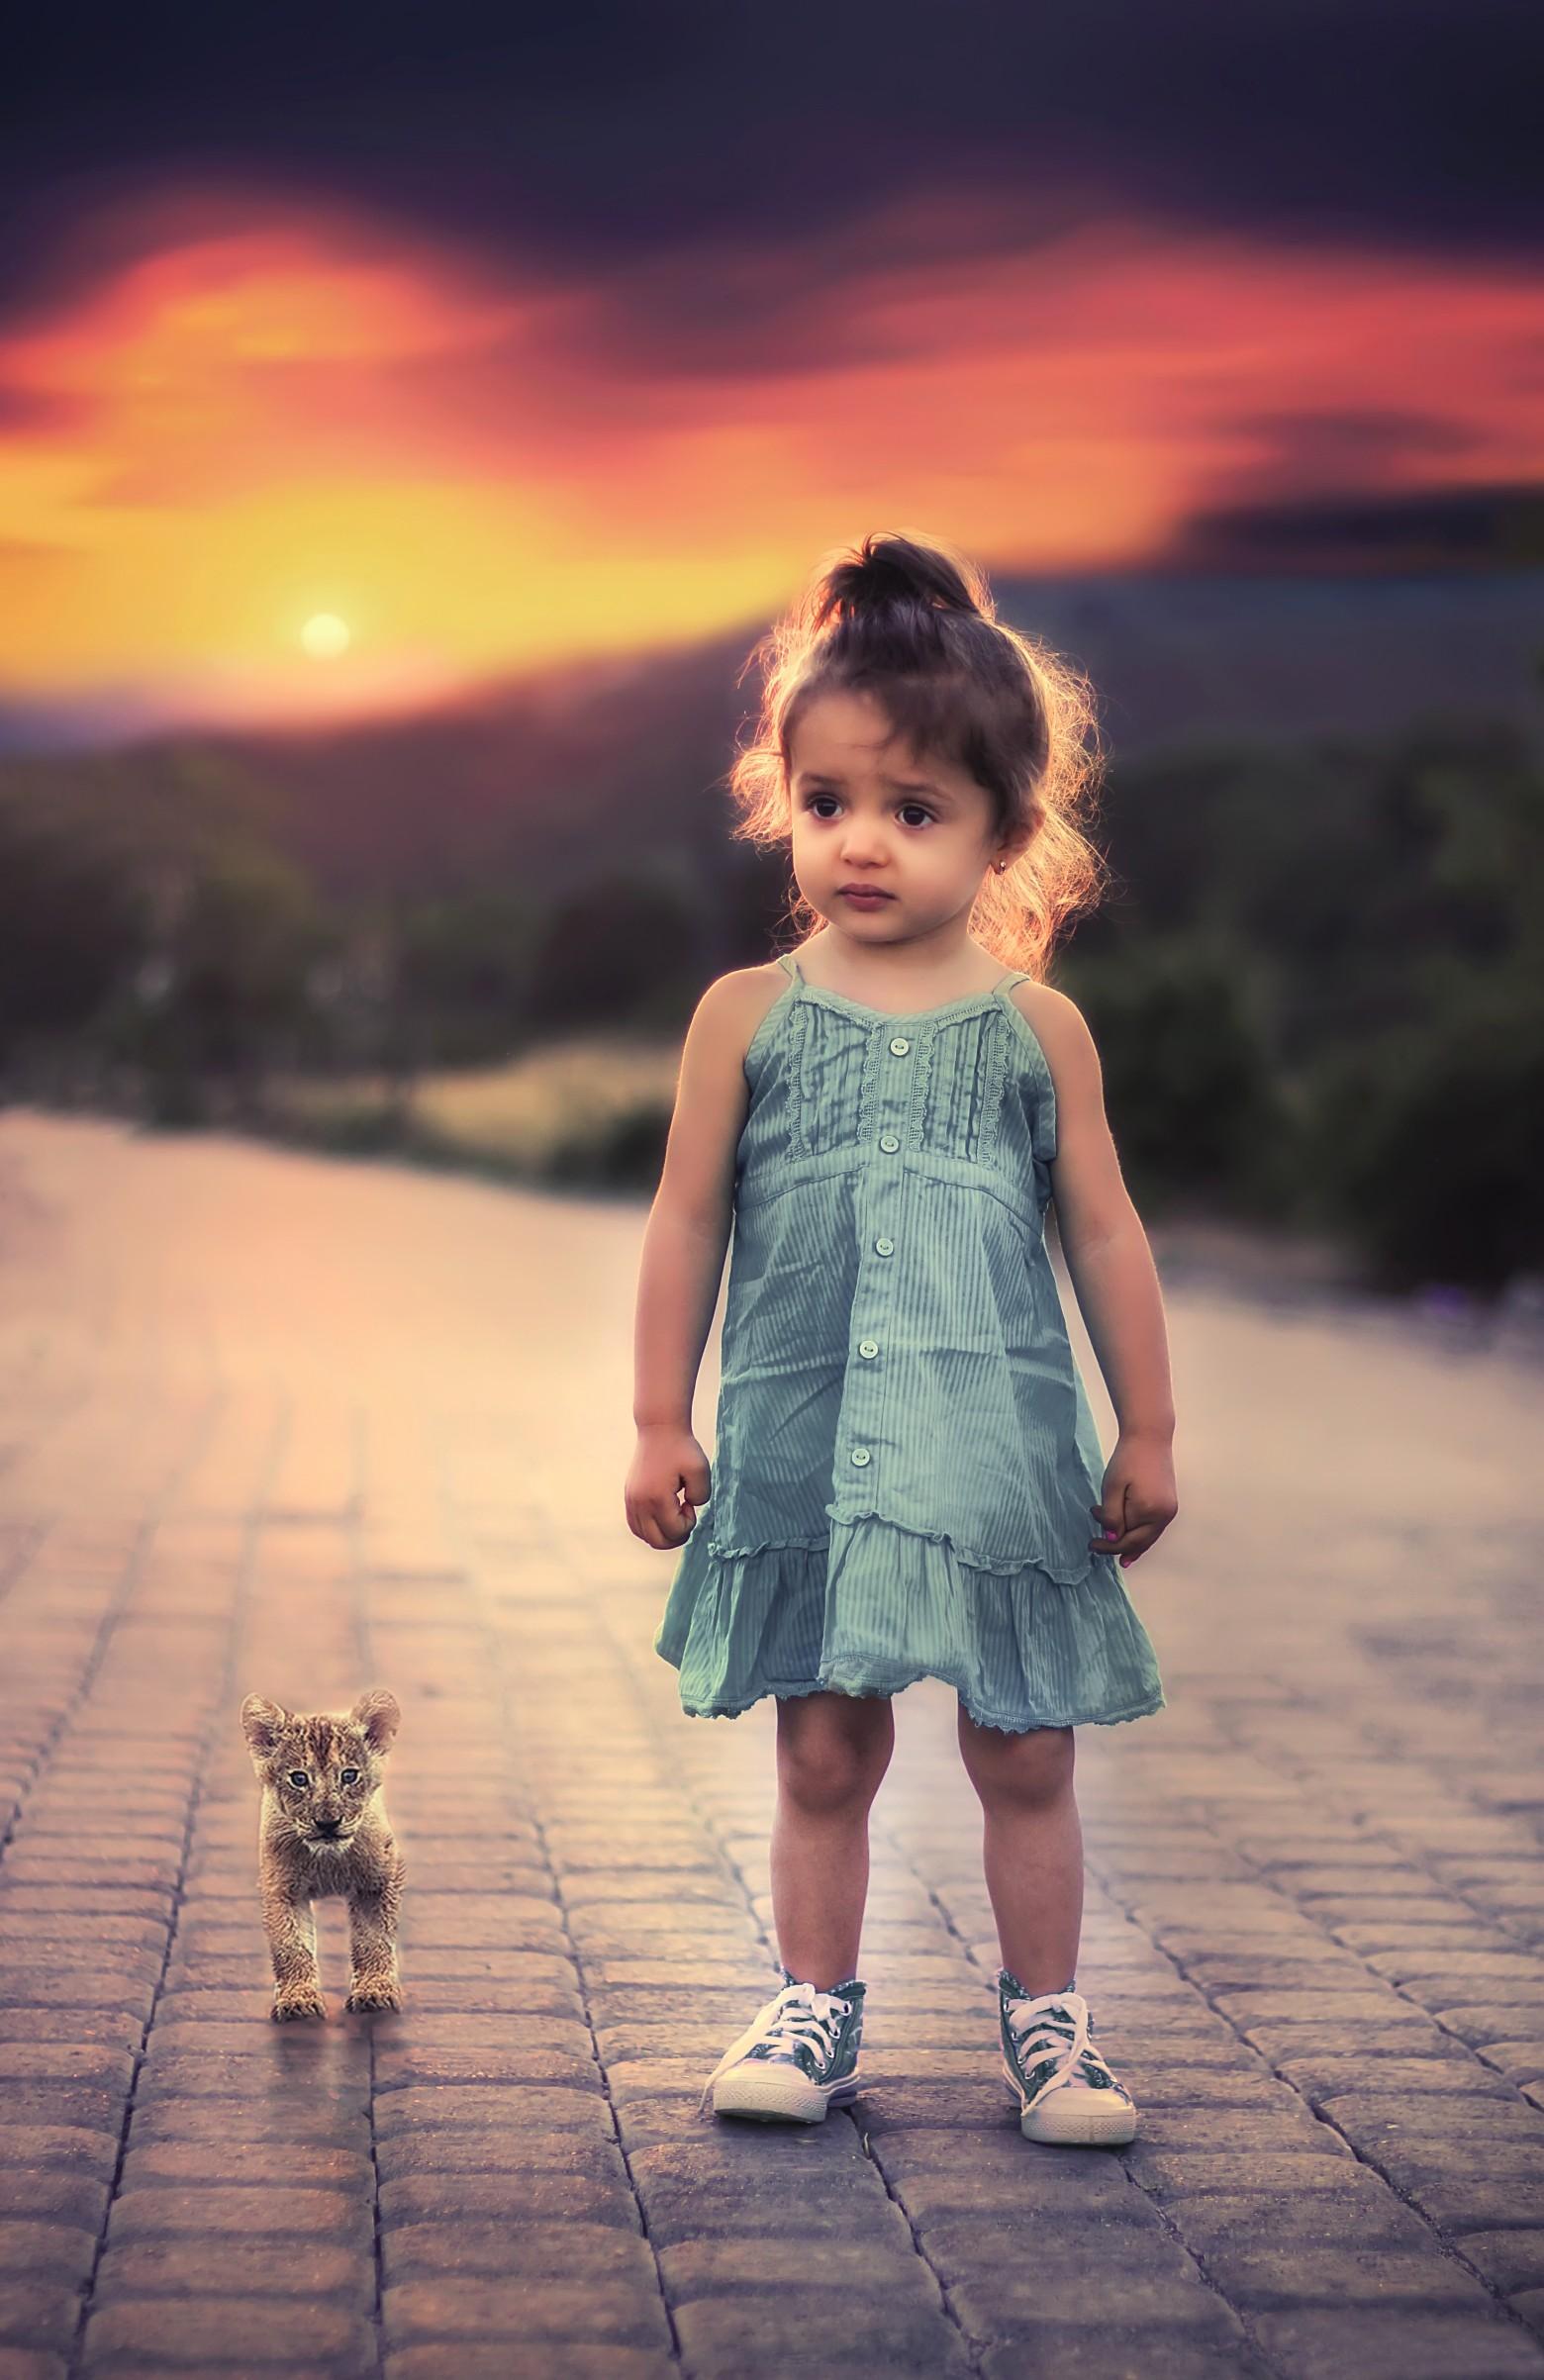 enfant petite fille b b et un petit lionceau sur la route images photos gratuites images. Black Bedroom Furniture Sets. Home Design Ideas